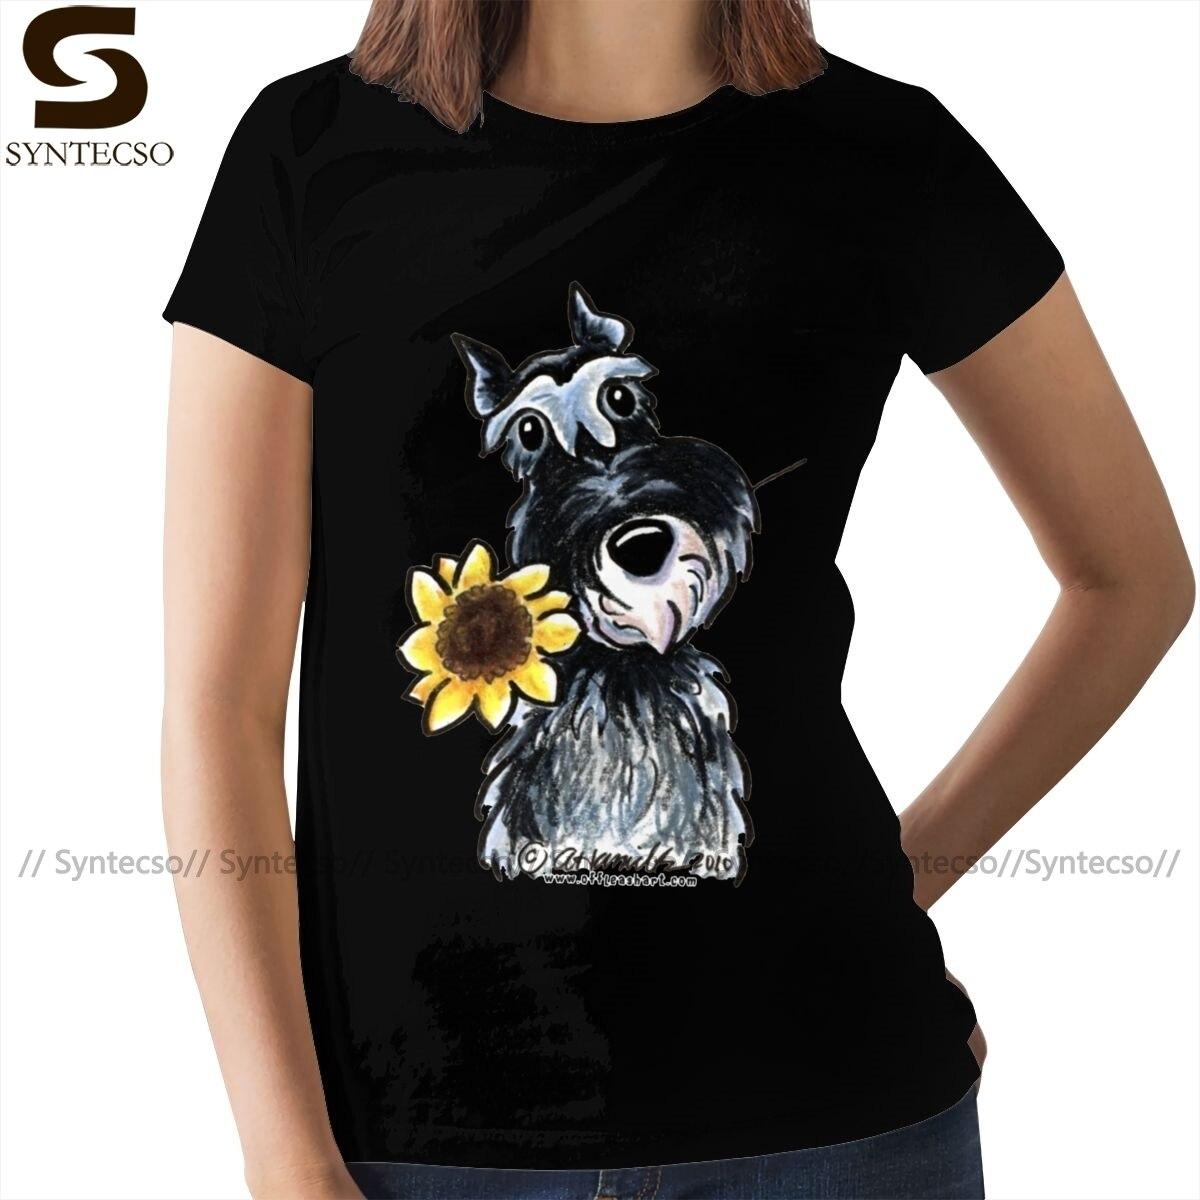 Camisa em miniatura schnauzer schnauzer t camisa na moda mais tamanho camisa feminina verão das senhoras t camisa